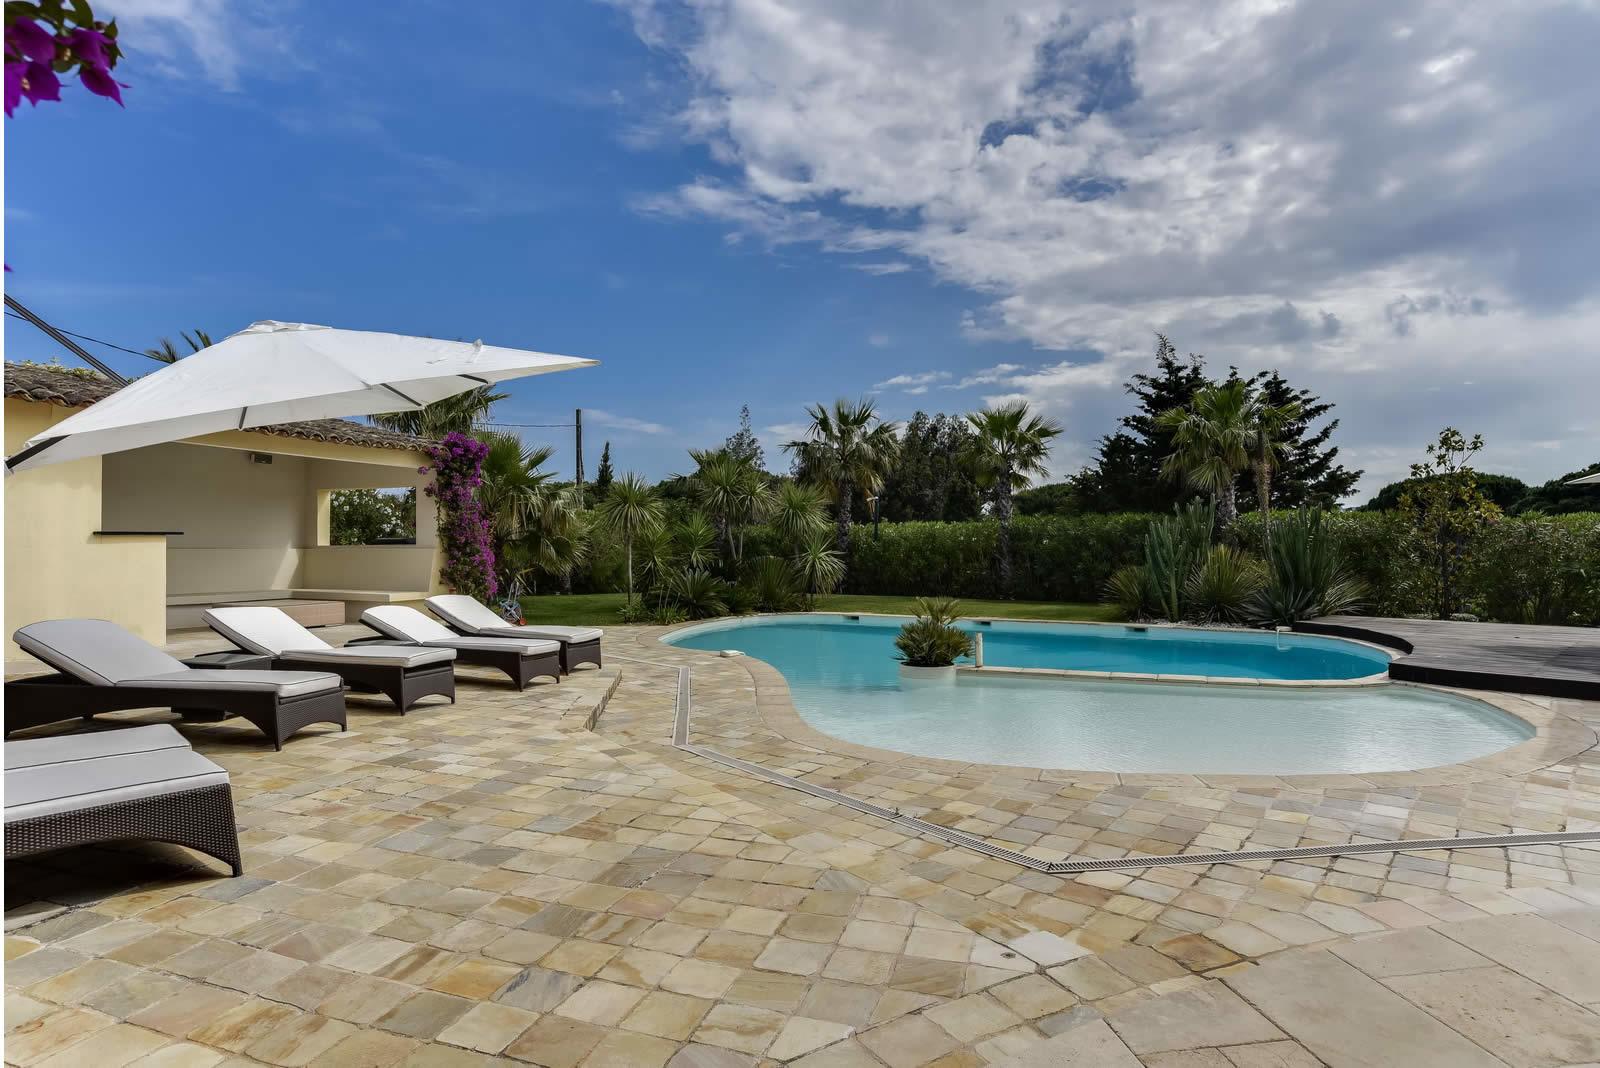 villa-provencale-a-louer-proche-plage-6-chambres-piscine